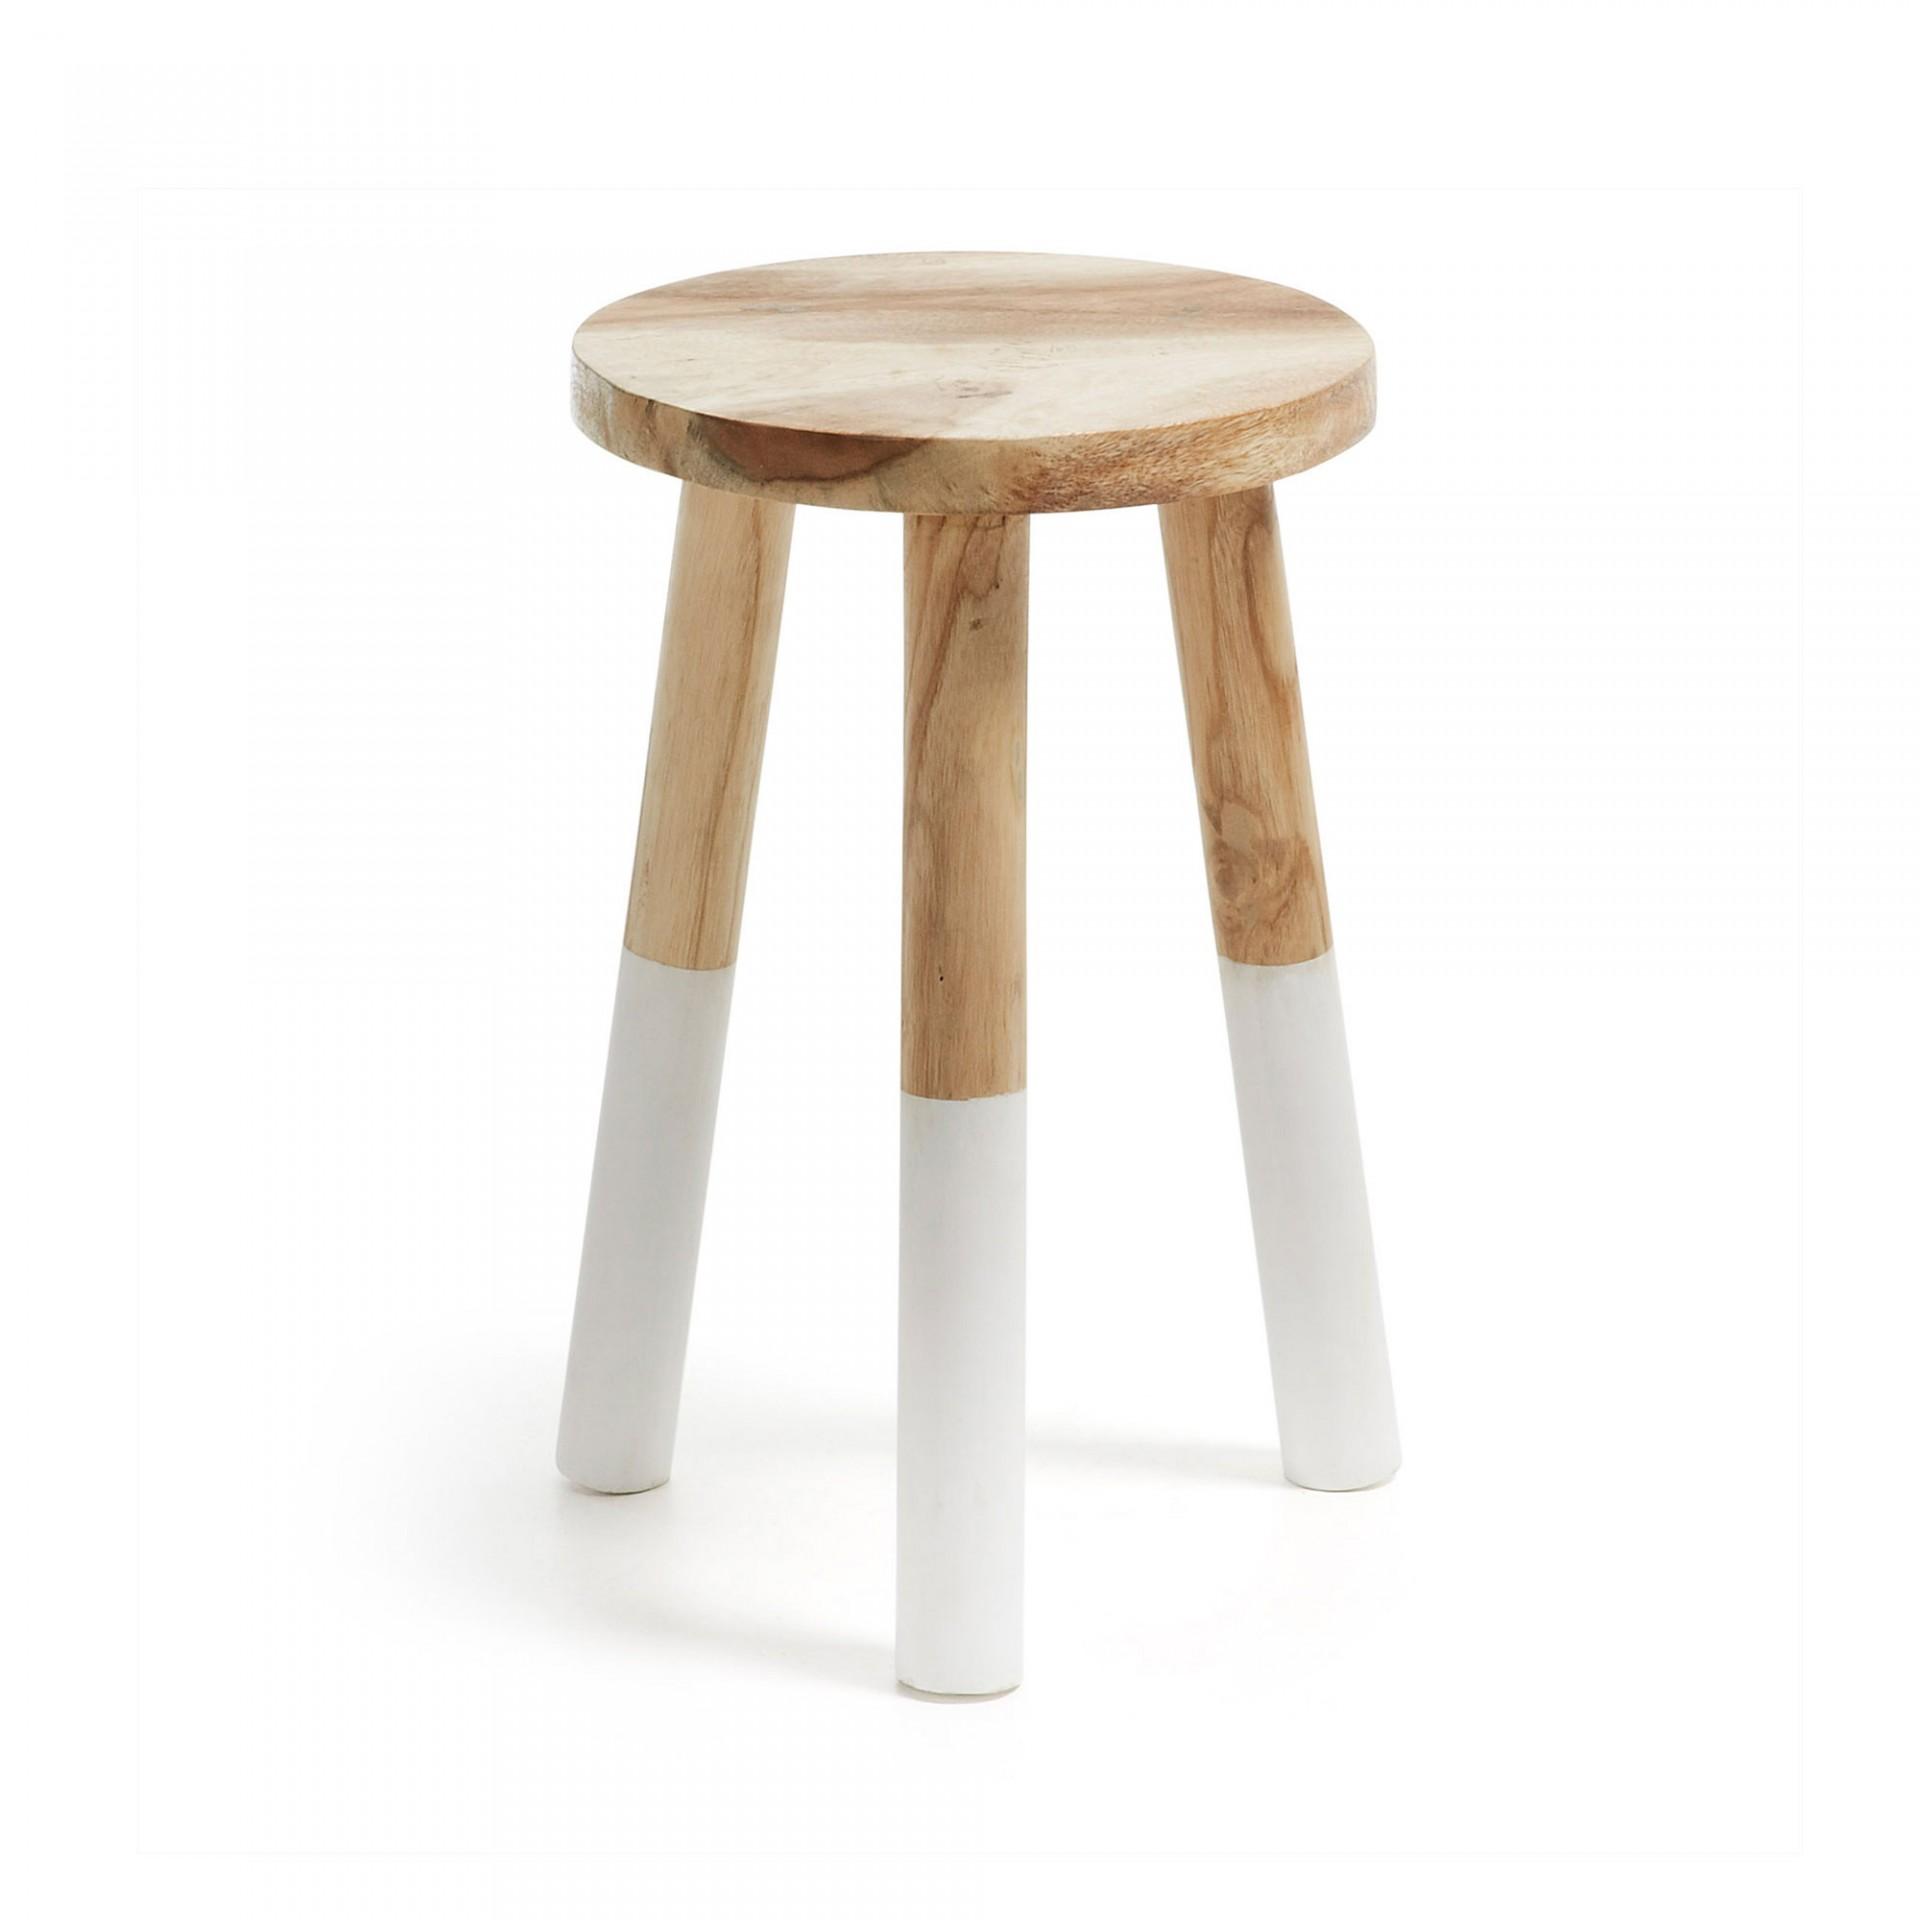 Banco de apoio, madeira munggur natural, Ø30x44 cm